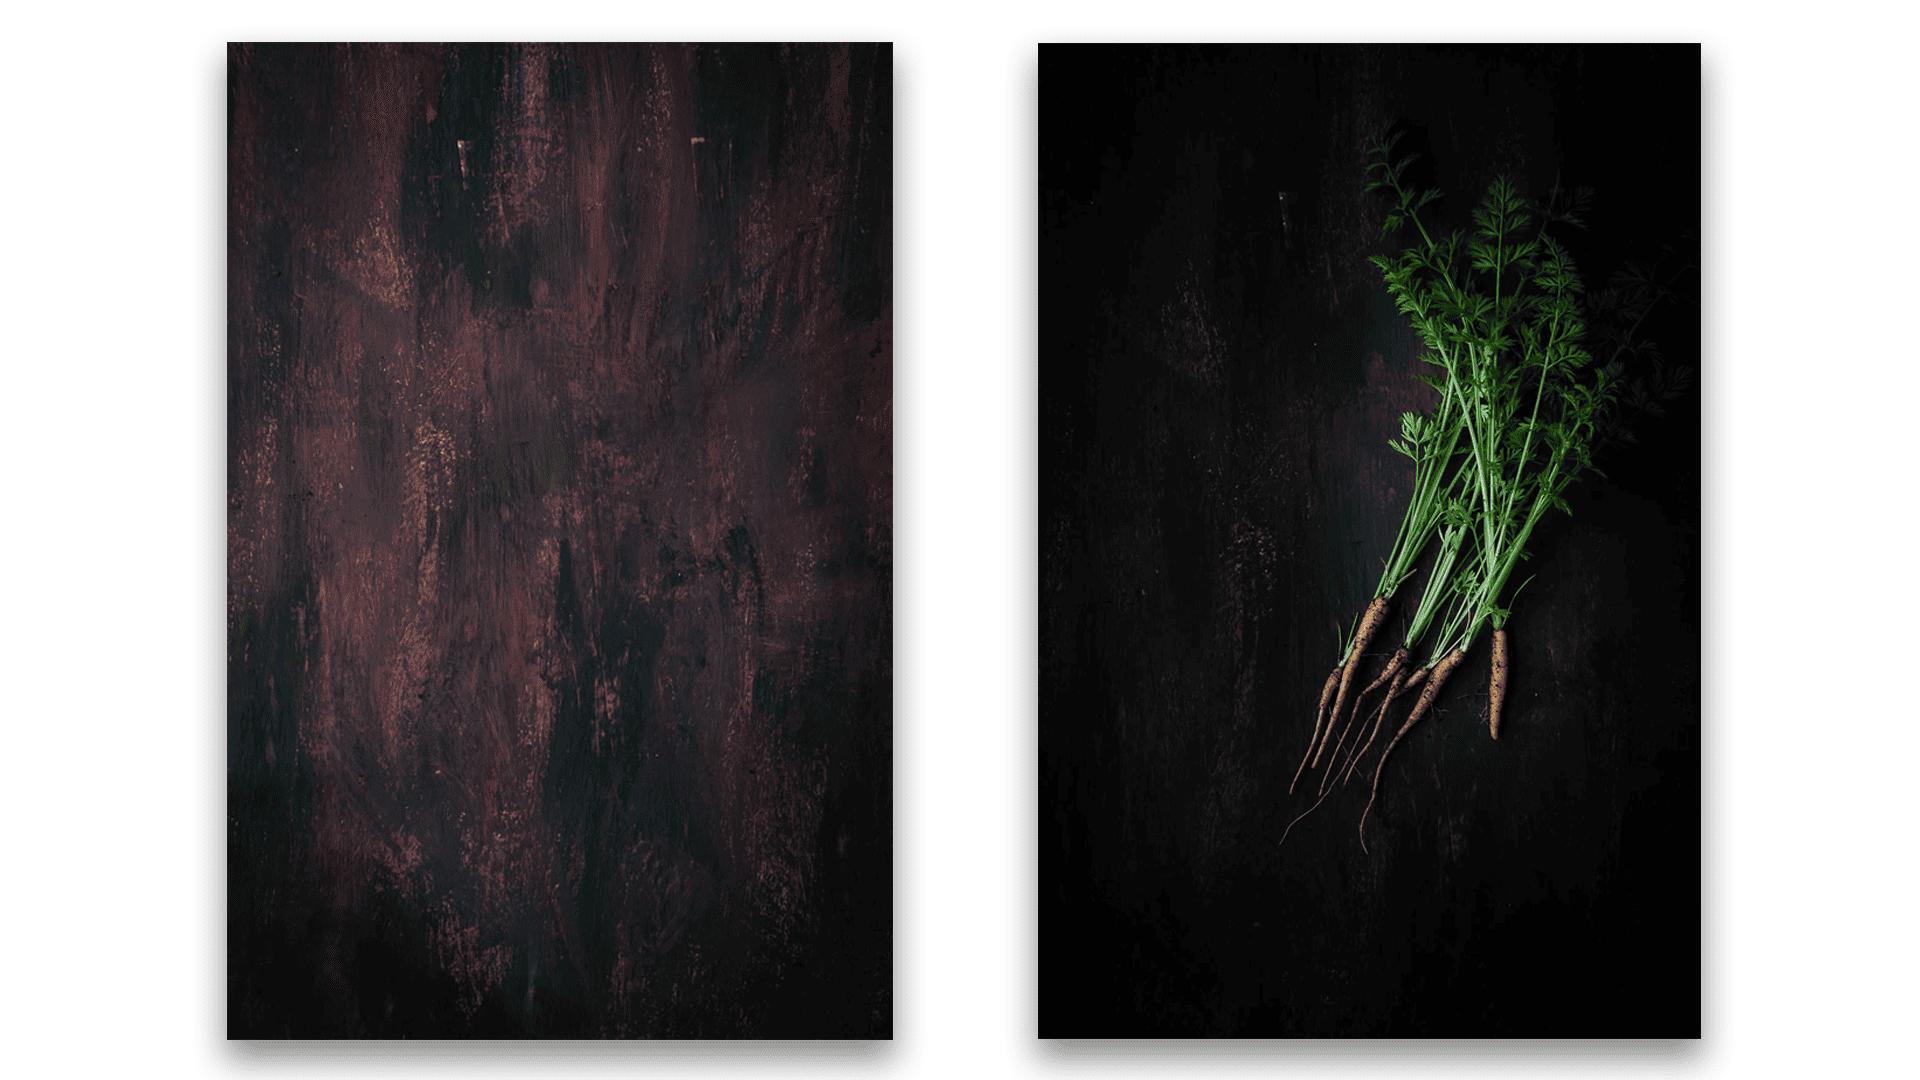 fotobaggrund - mørke billeder